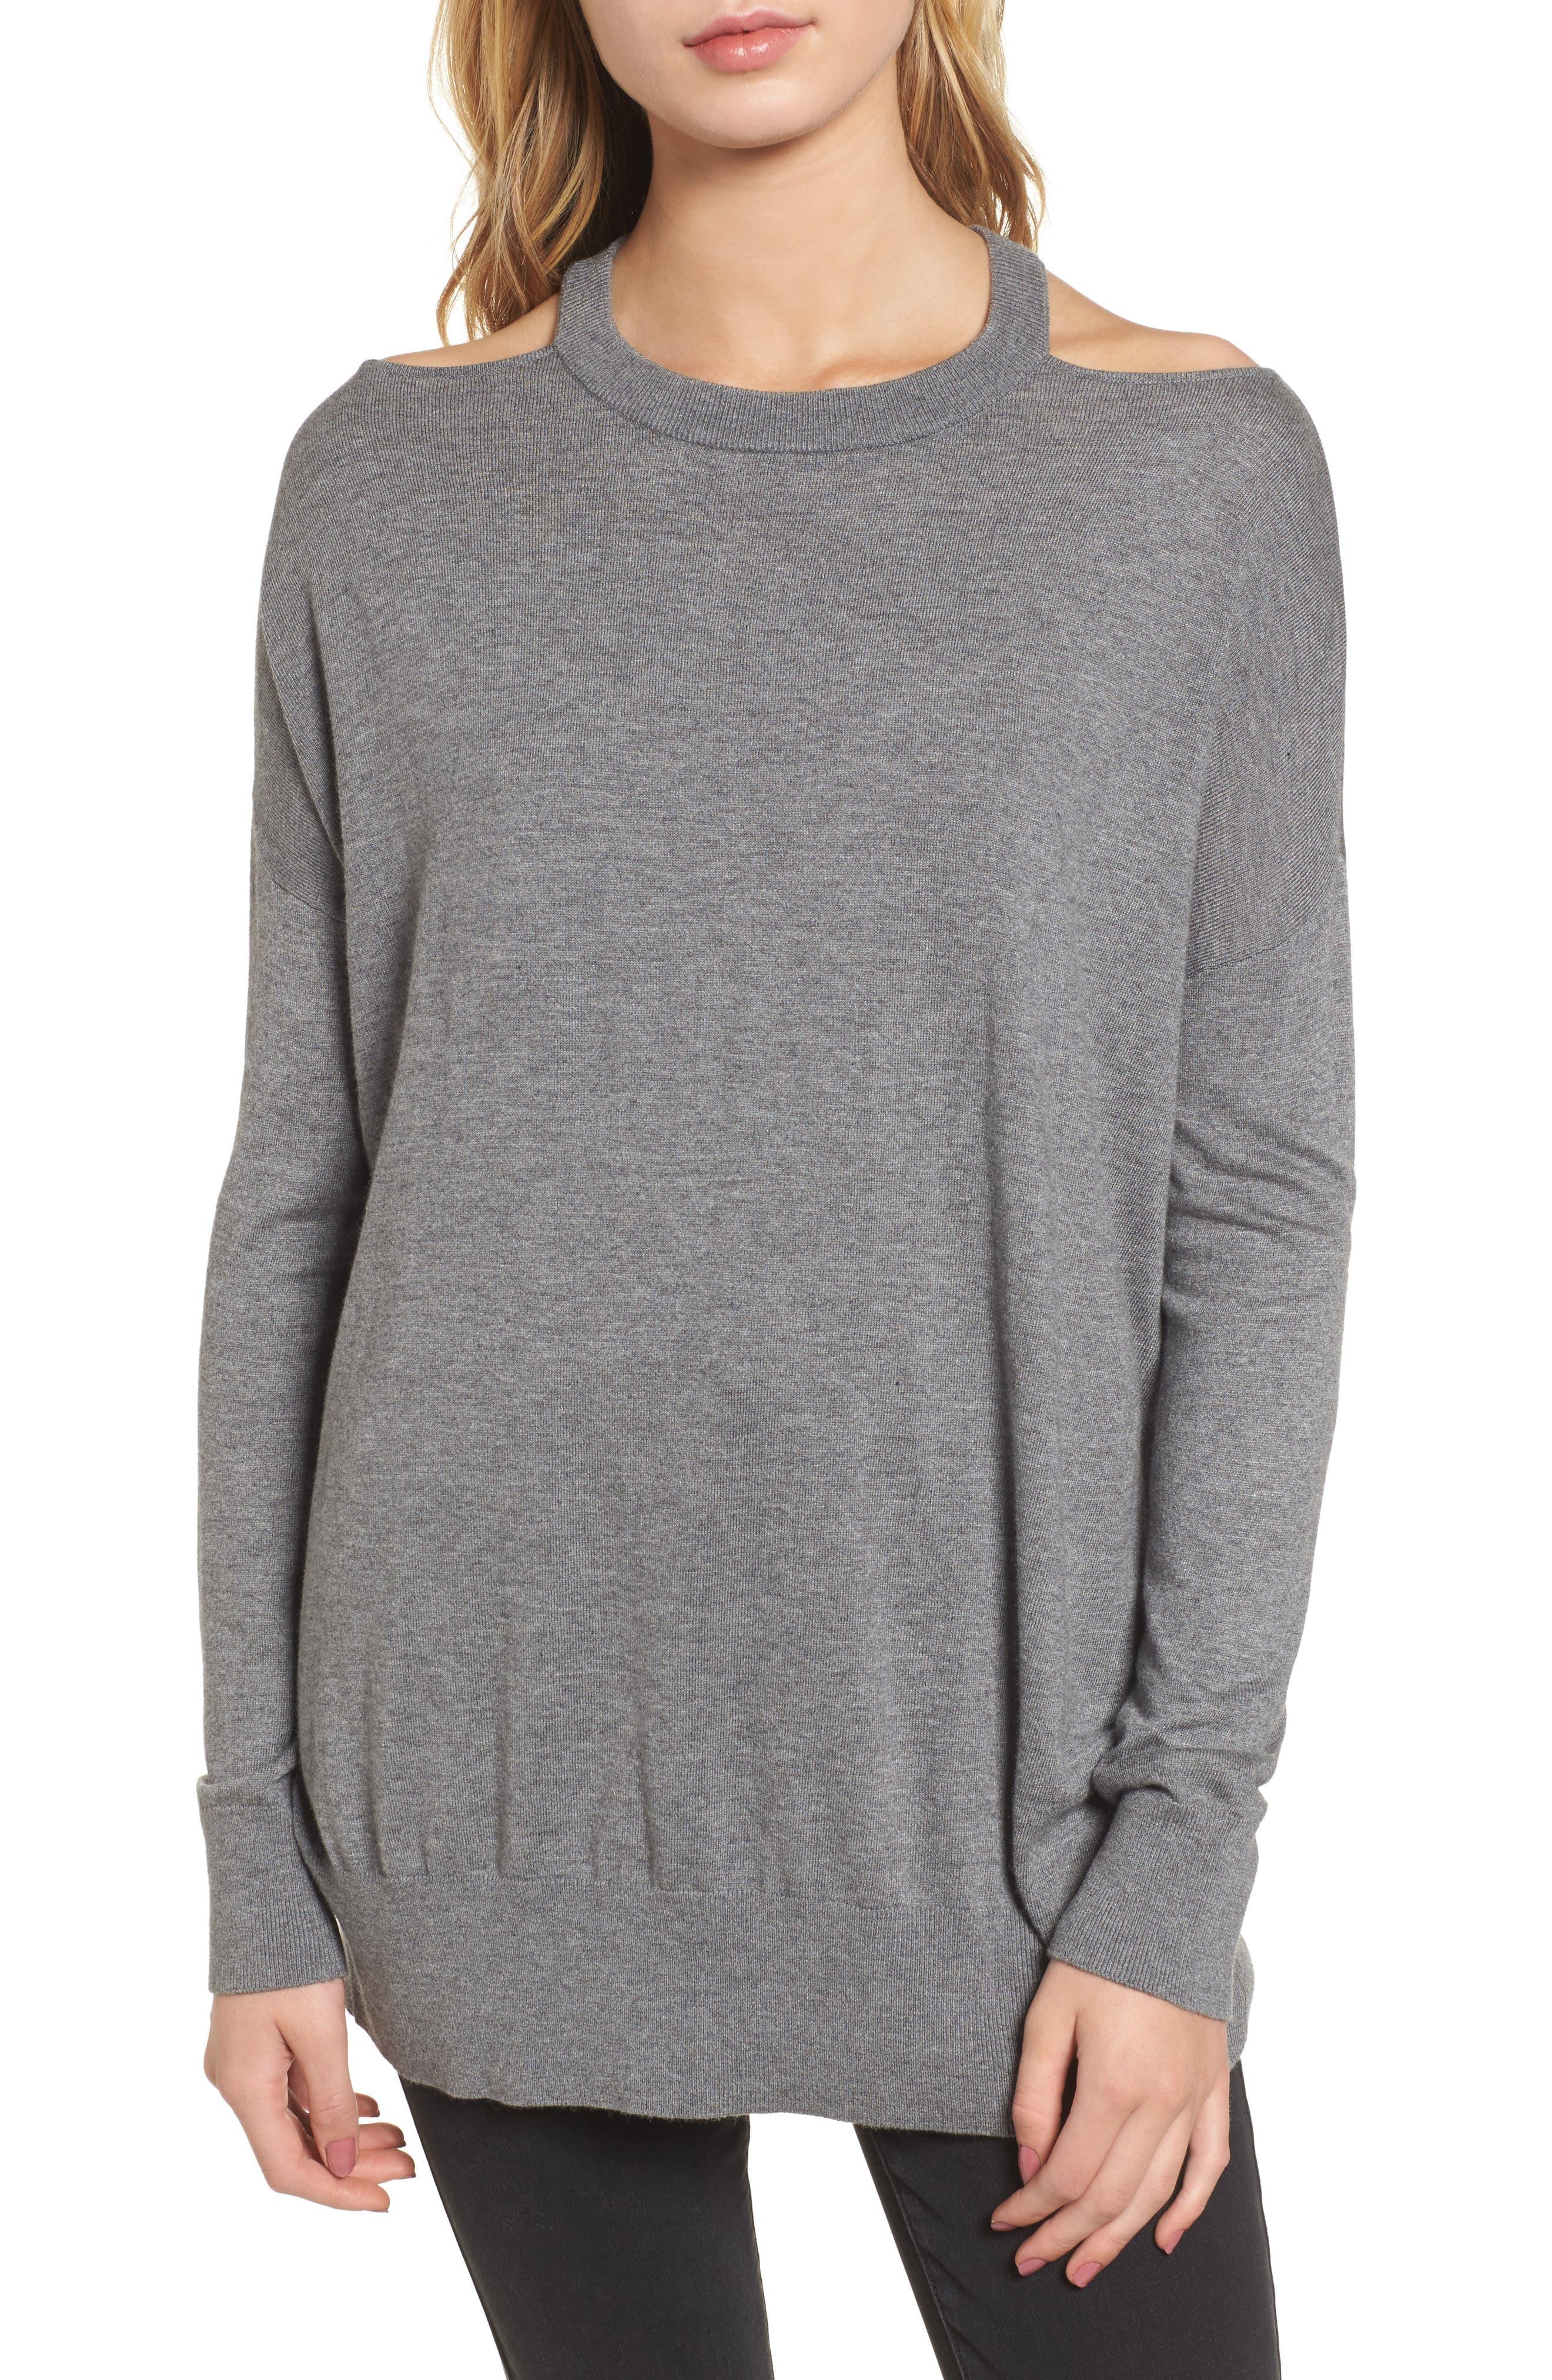 Canarise Cutout Sweater,                         Main,                         color, Heather Cinder